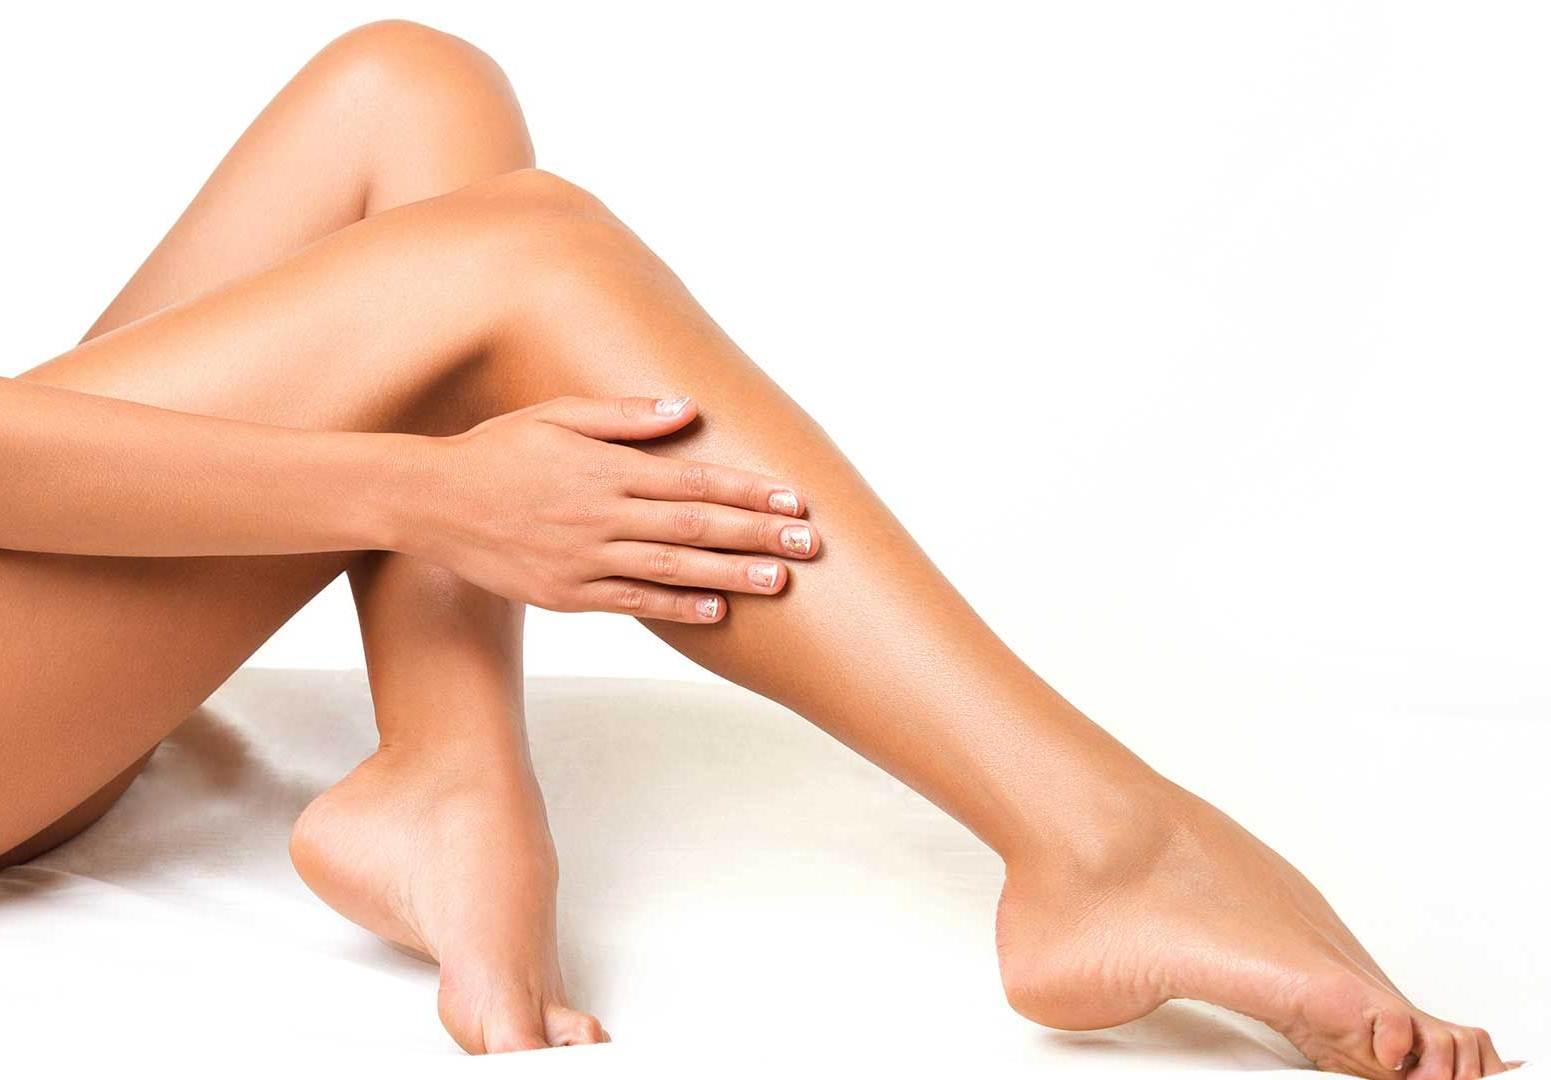 Венозный дерматит нижних конечностей